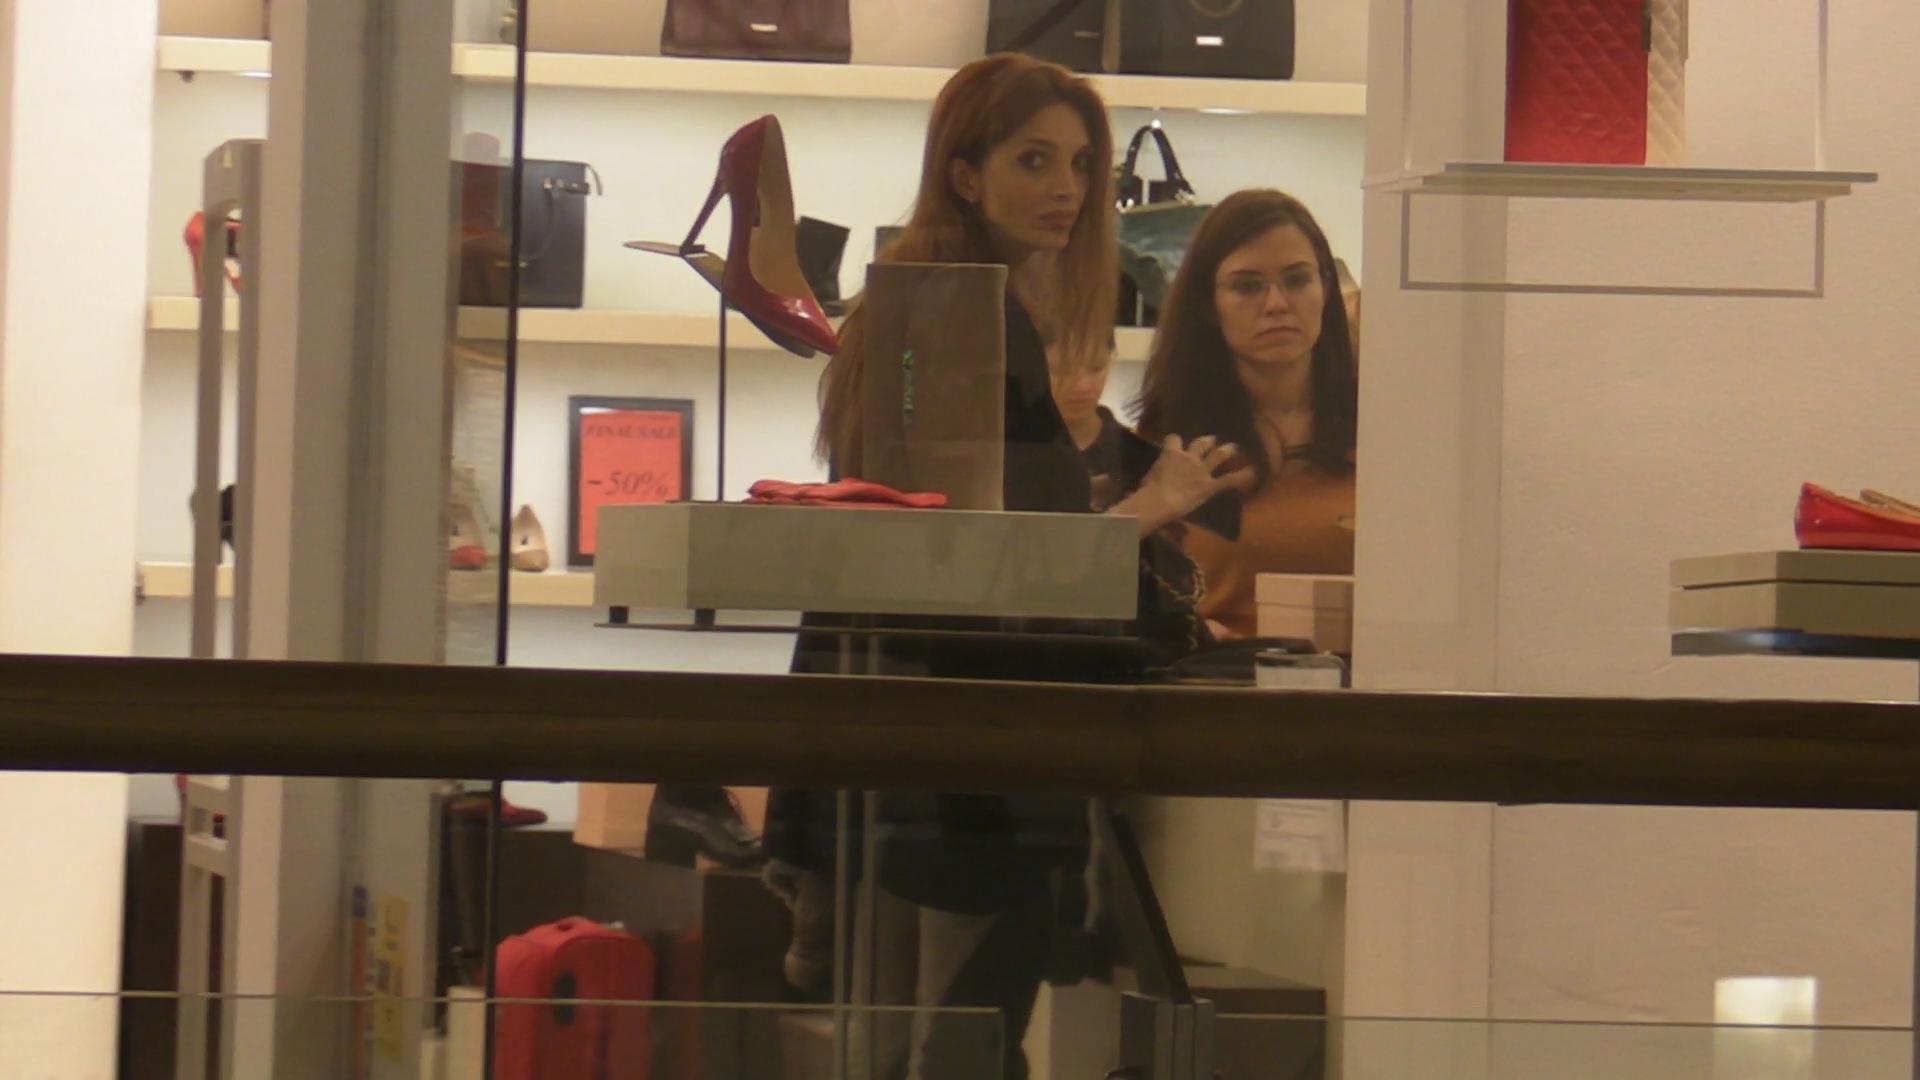 Cristina s-a hotarat rapid la o pereche de pantofi sport